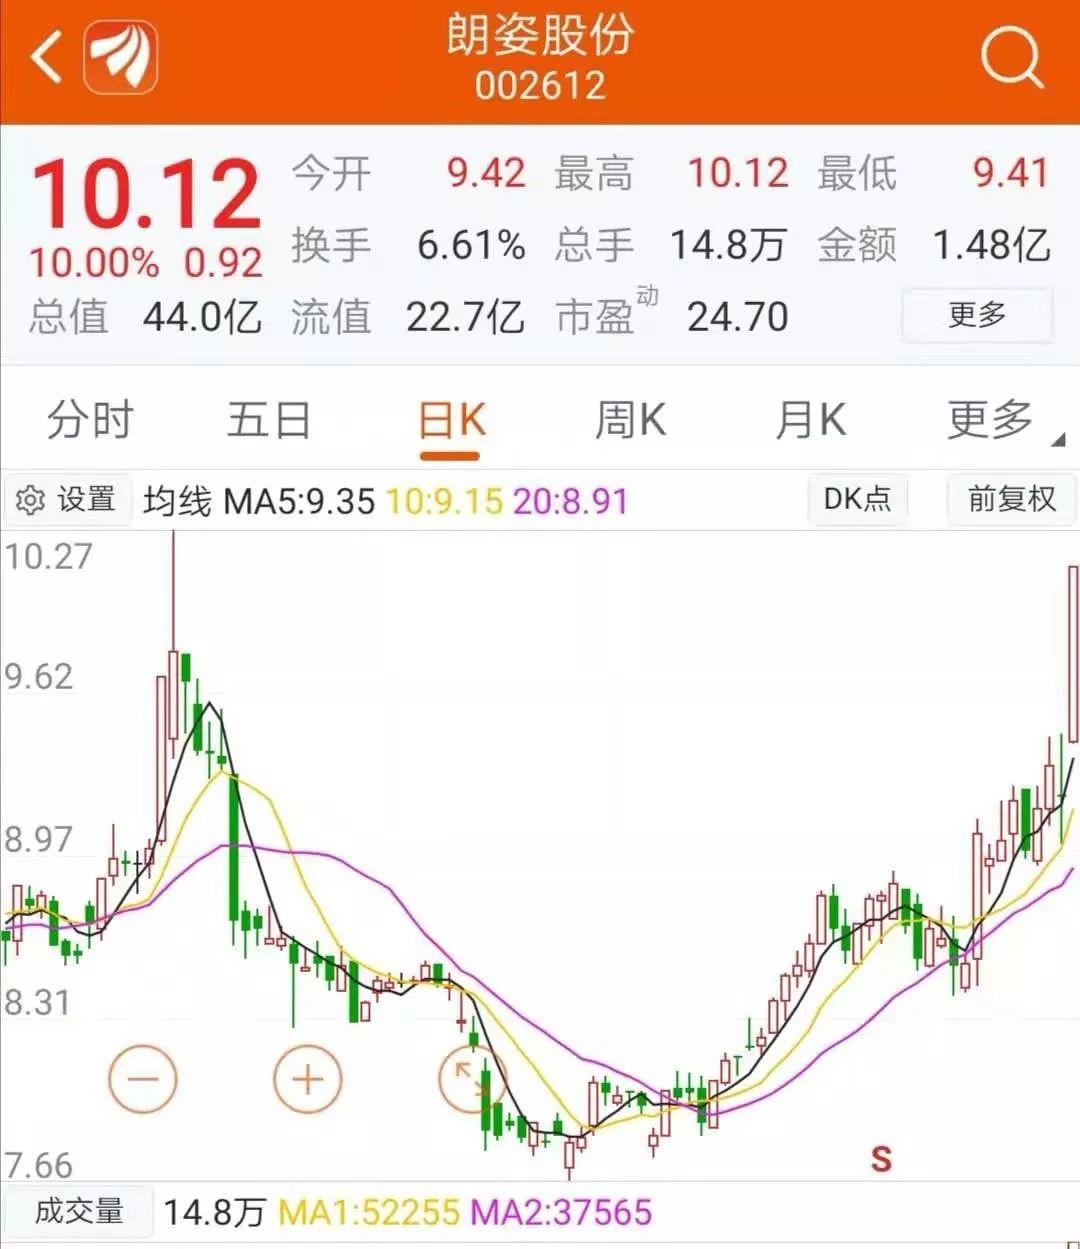 澳门金沙手机软件,樱花节期间武汉大学日最高接待游客20万,看看这所中国最美大学